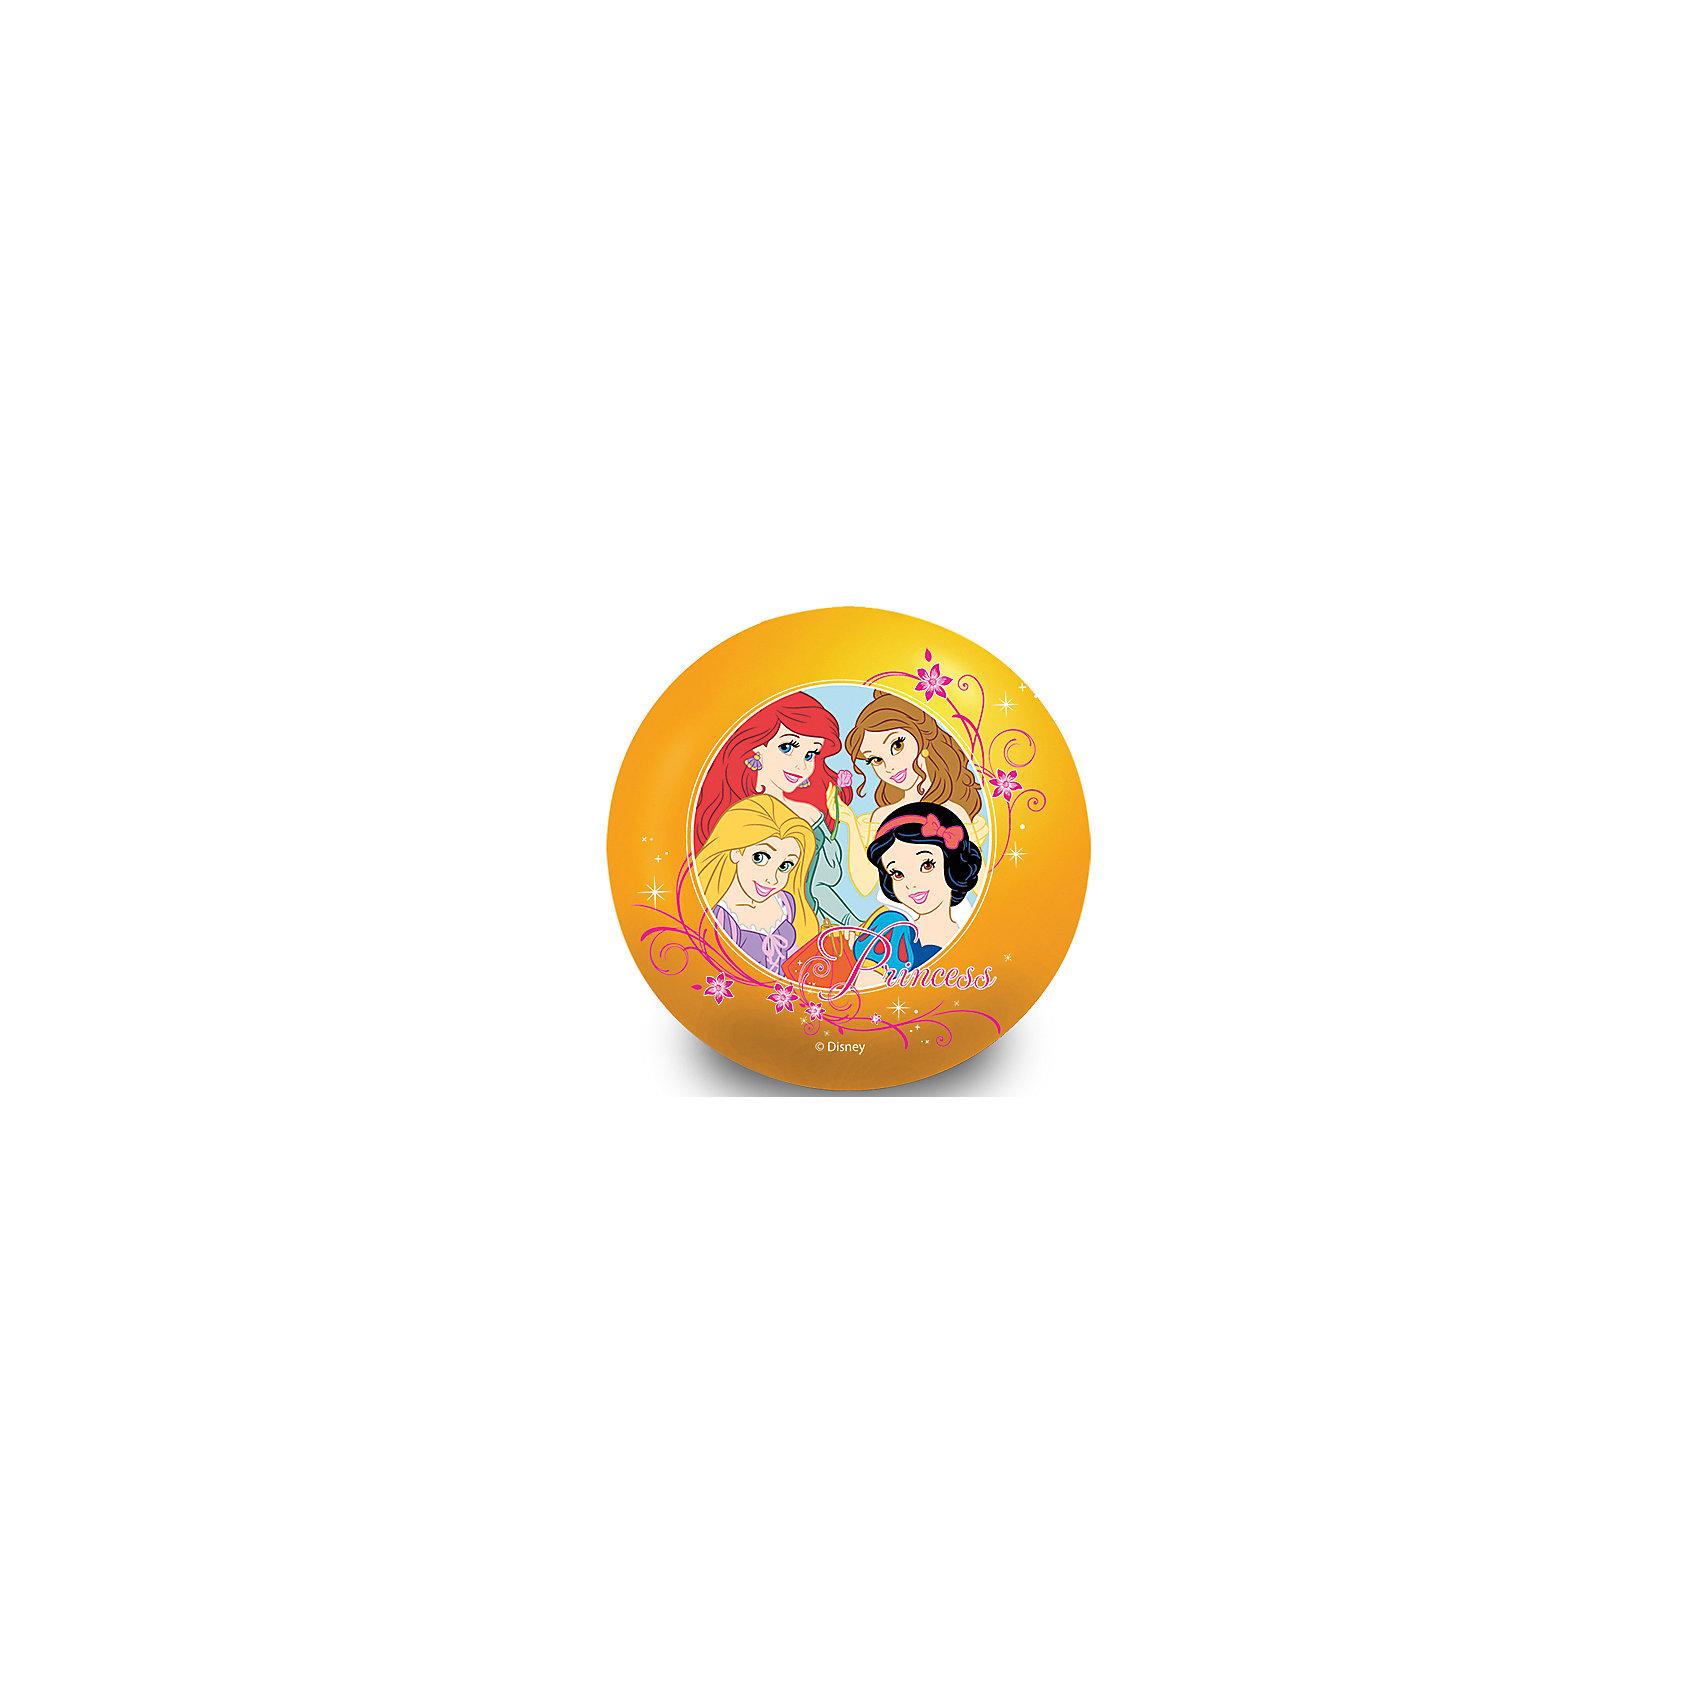 Играем вместе Мяч Принцессы, 33 см, Играем вместе играем вместе набор царапка с сюрпризом принцессы дисней